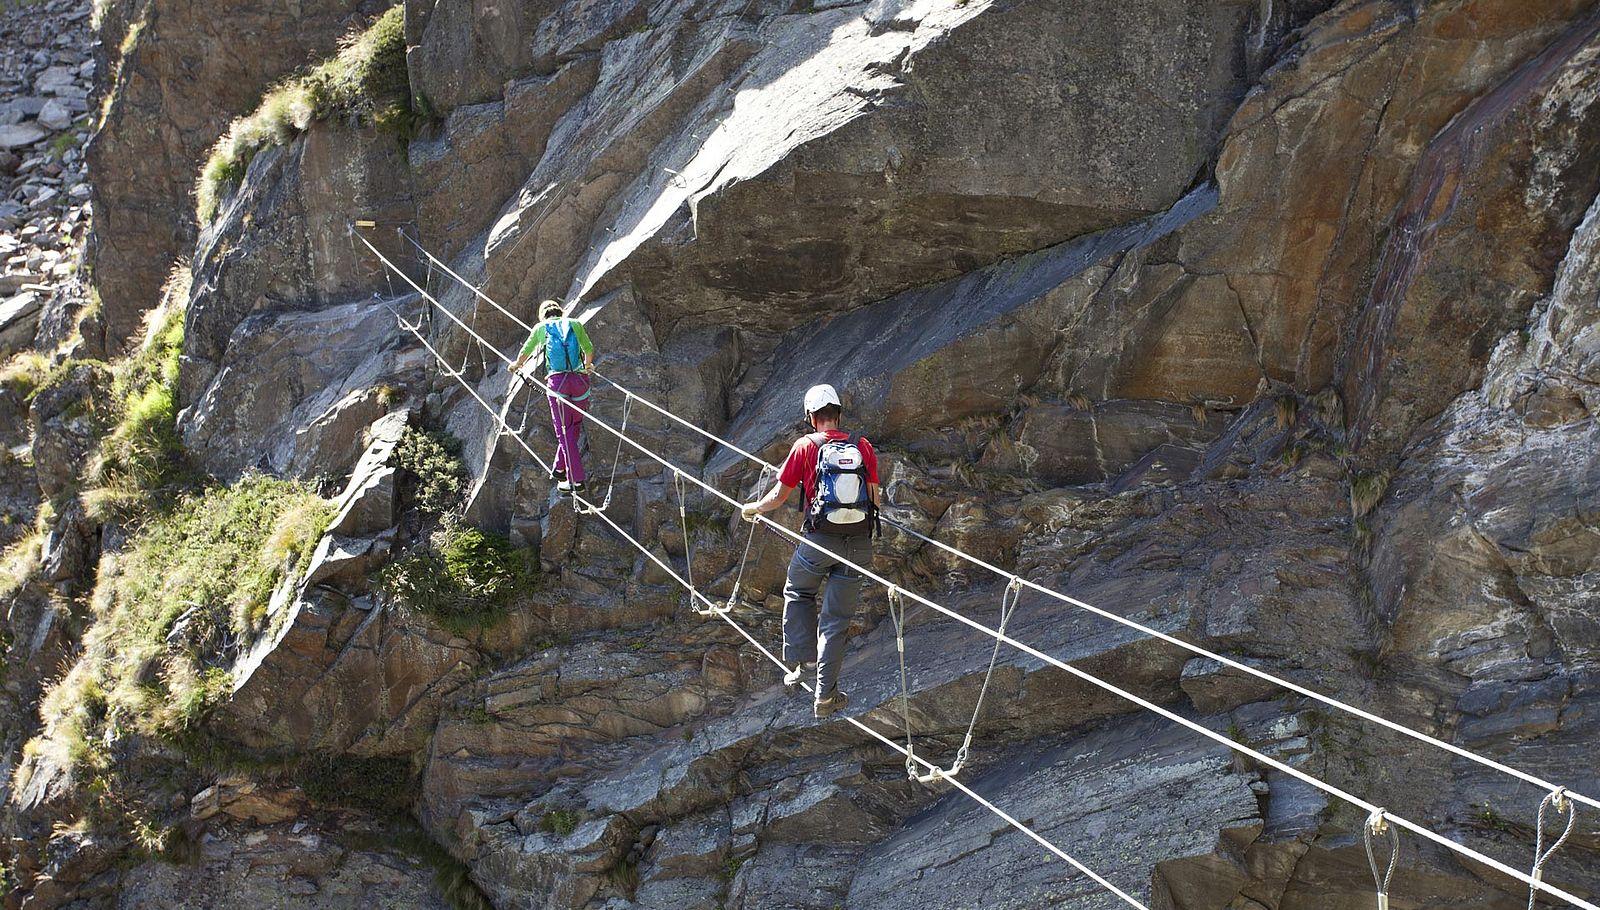 Klettersteig Oetztal : Klettersteig Ötztal :: klettern in sölden im